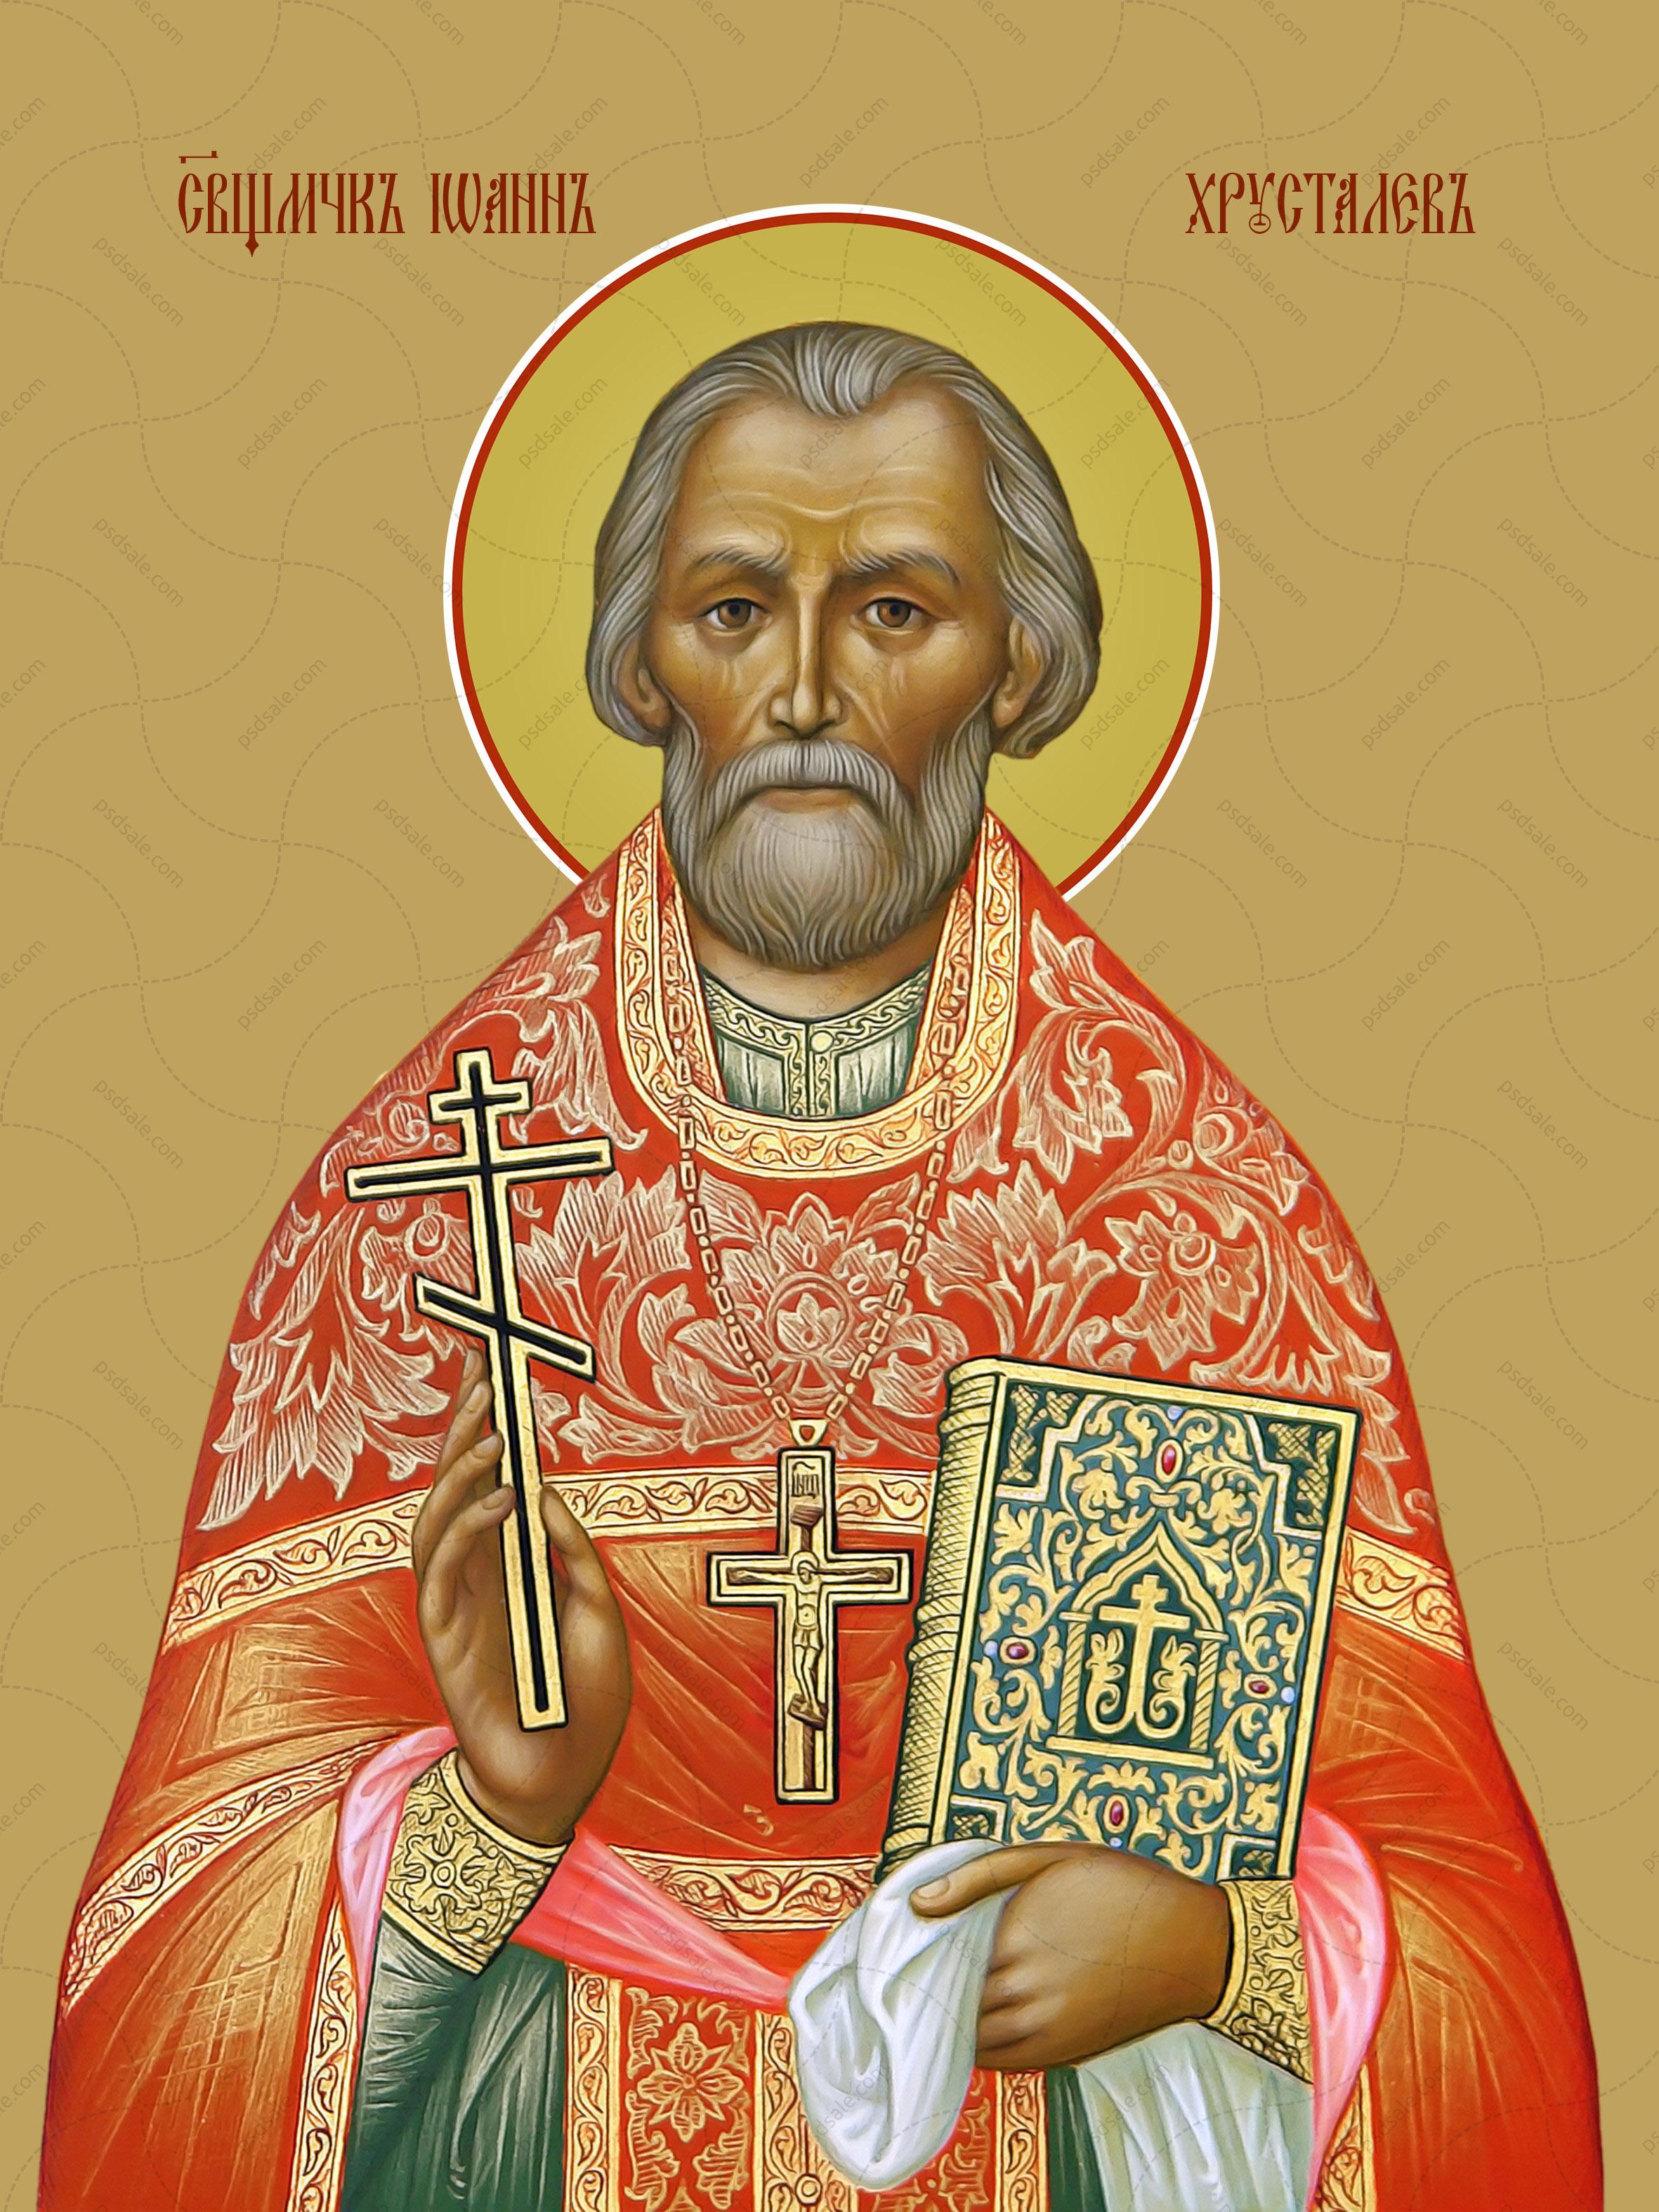 Иоанн Хрусталев, священномученик